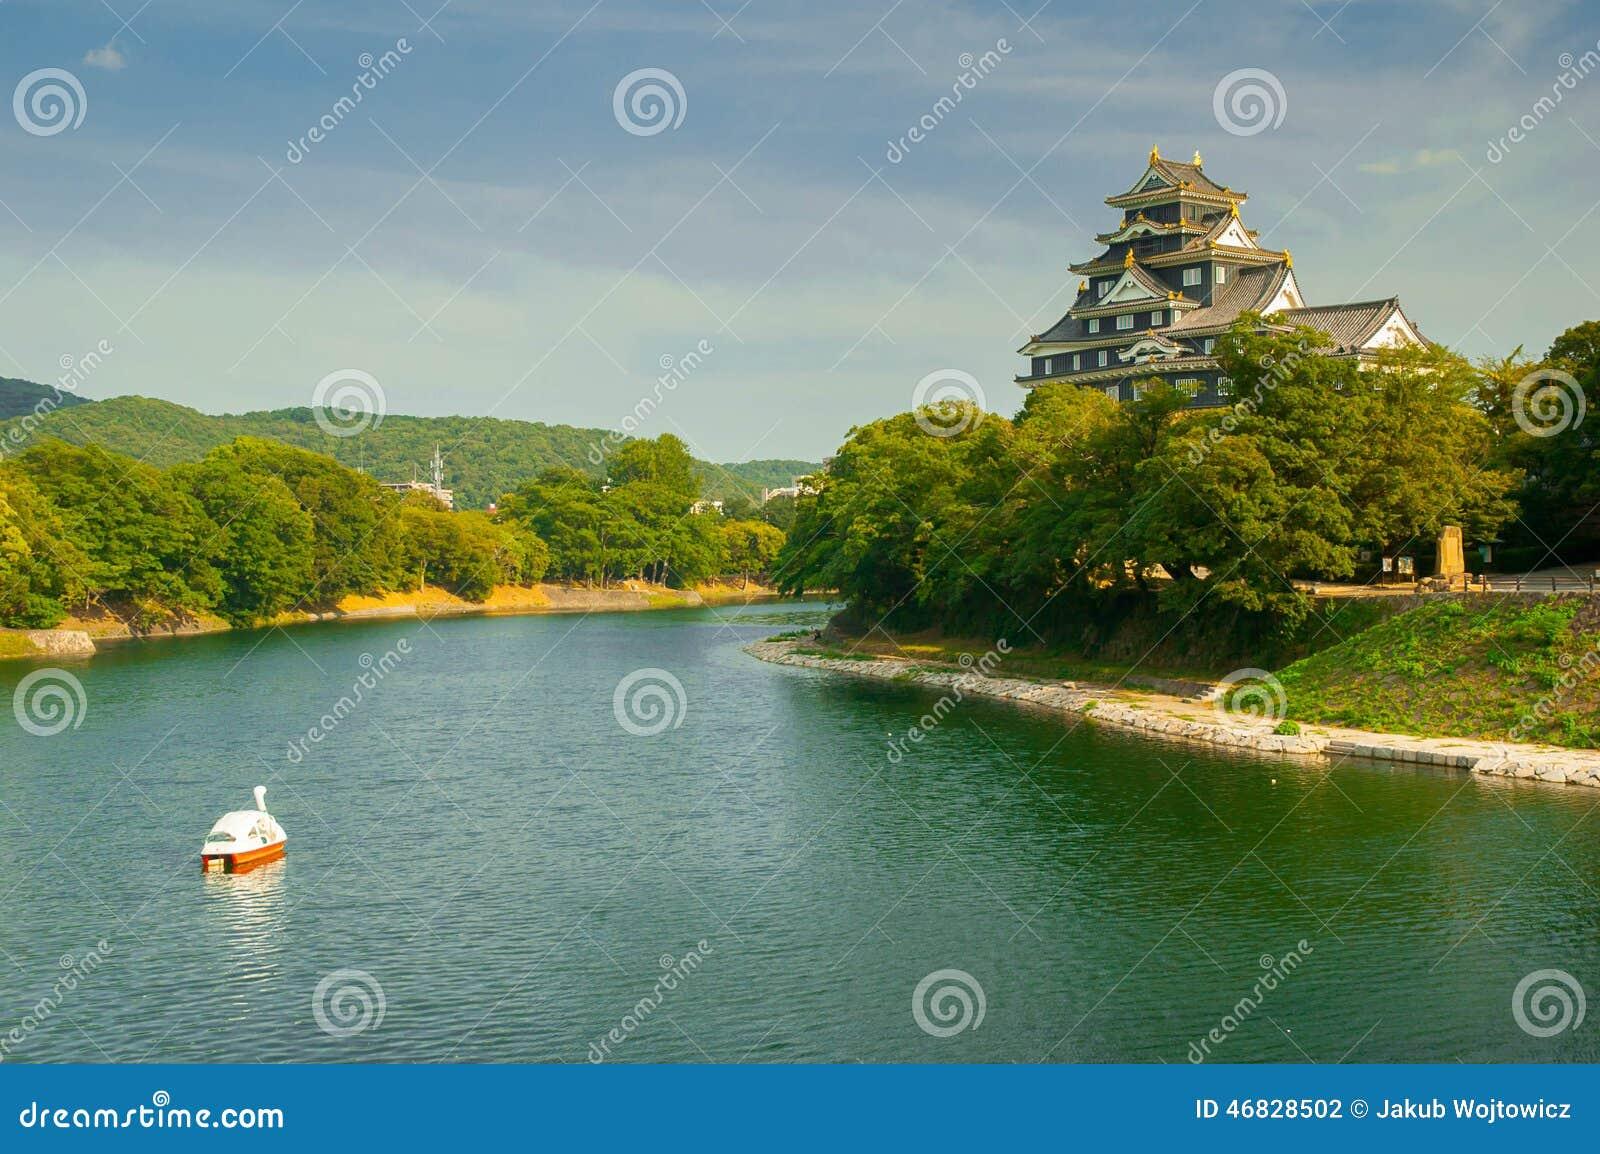 冈山jo城堡